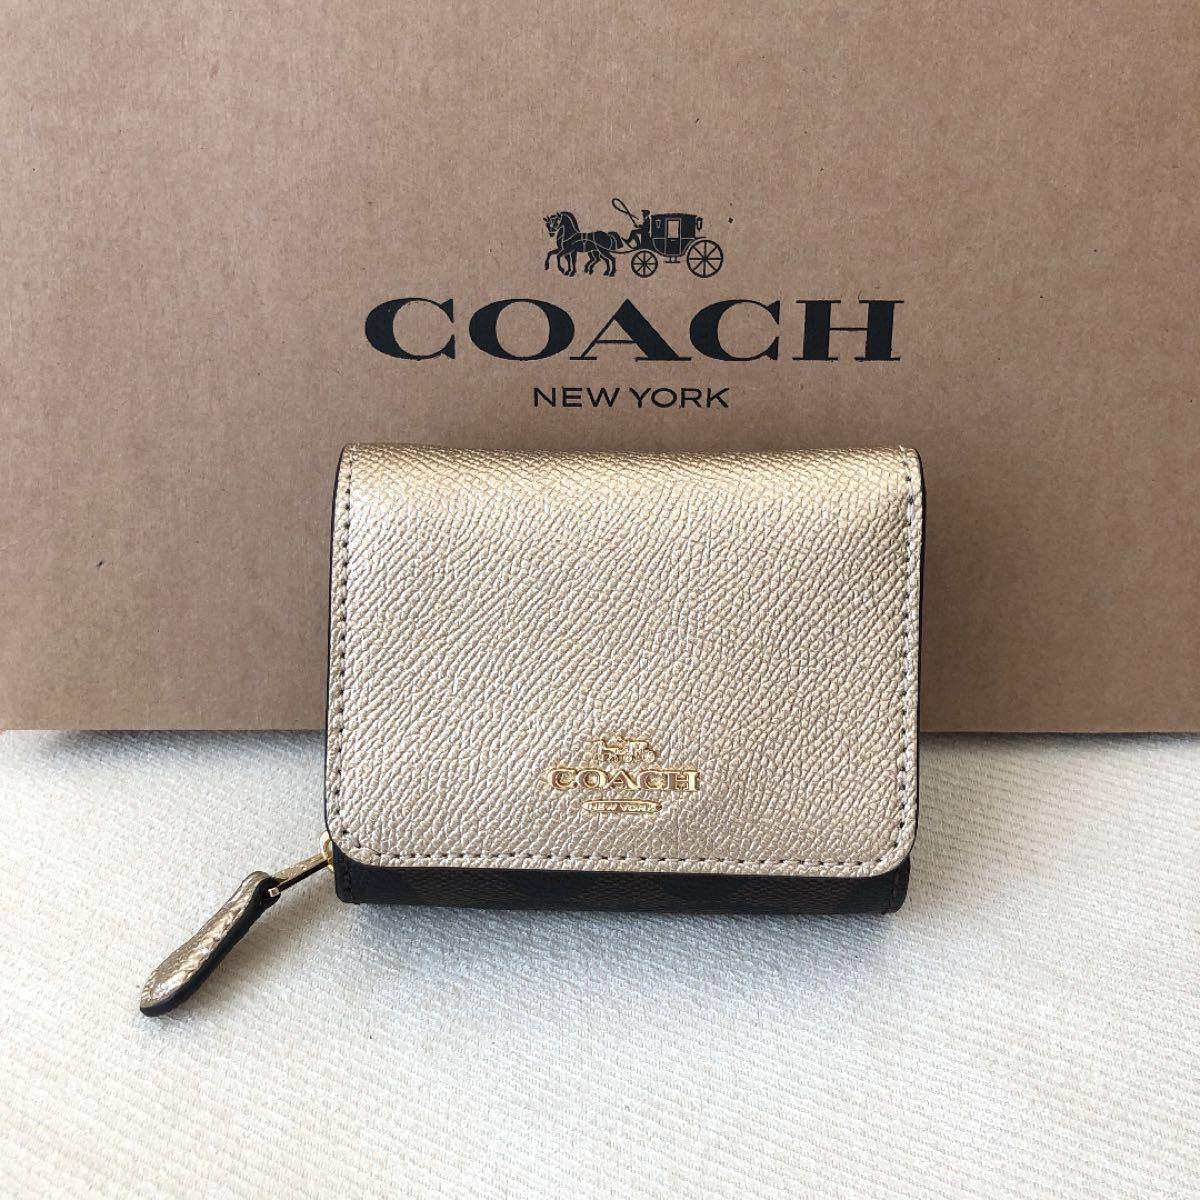 新品★COACH 2020-21年秋冬新作 クロスグレインレザー 三つ折り財布 ブラウン×ゴールド